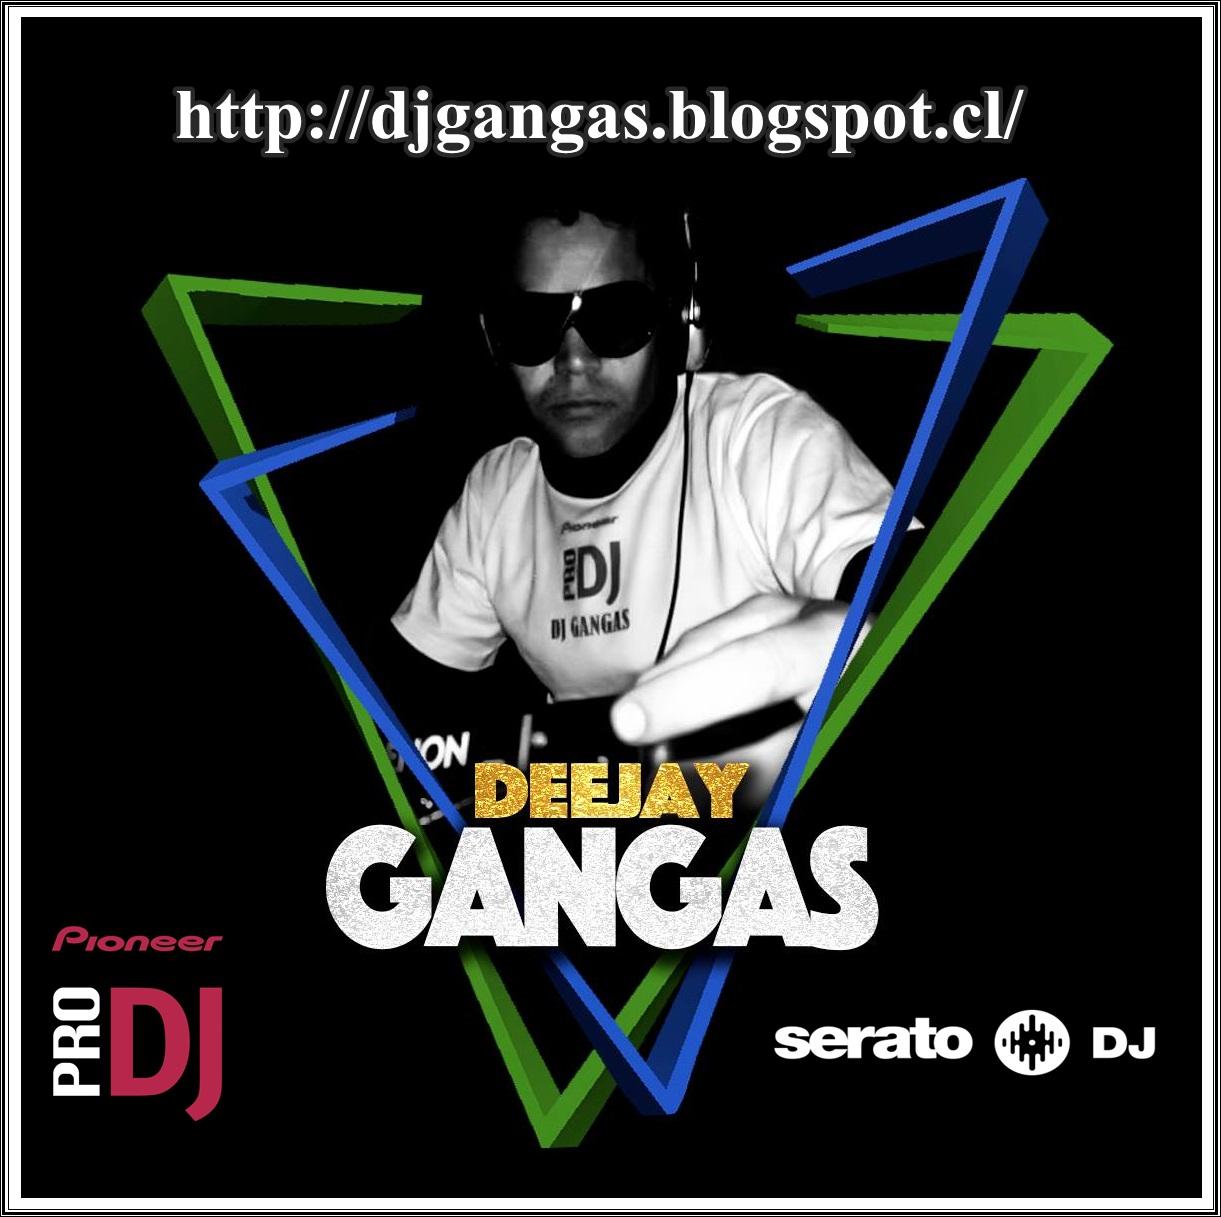 <[-_-]> - DJ GANGAS'